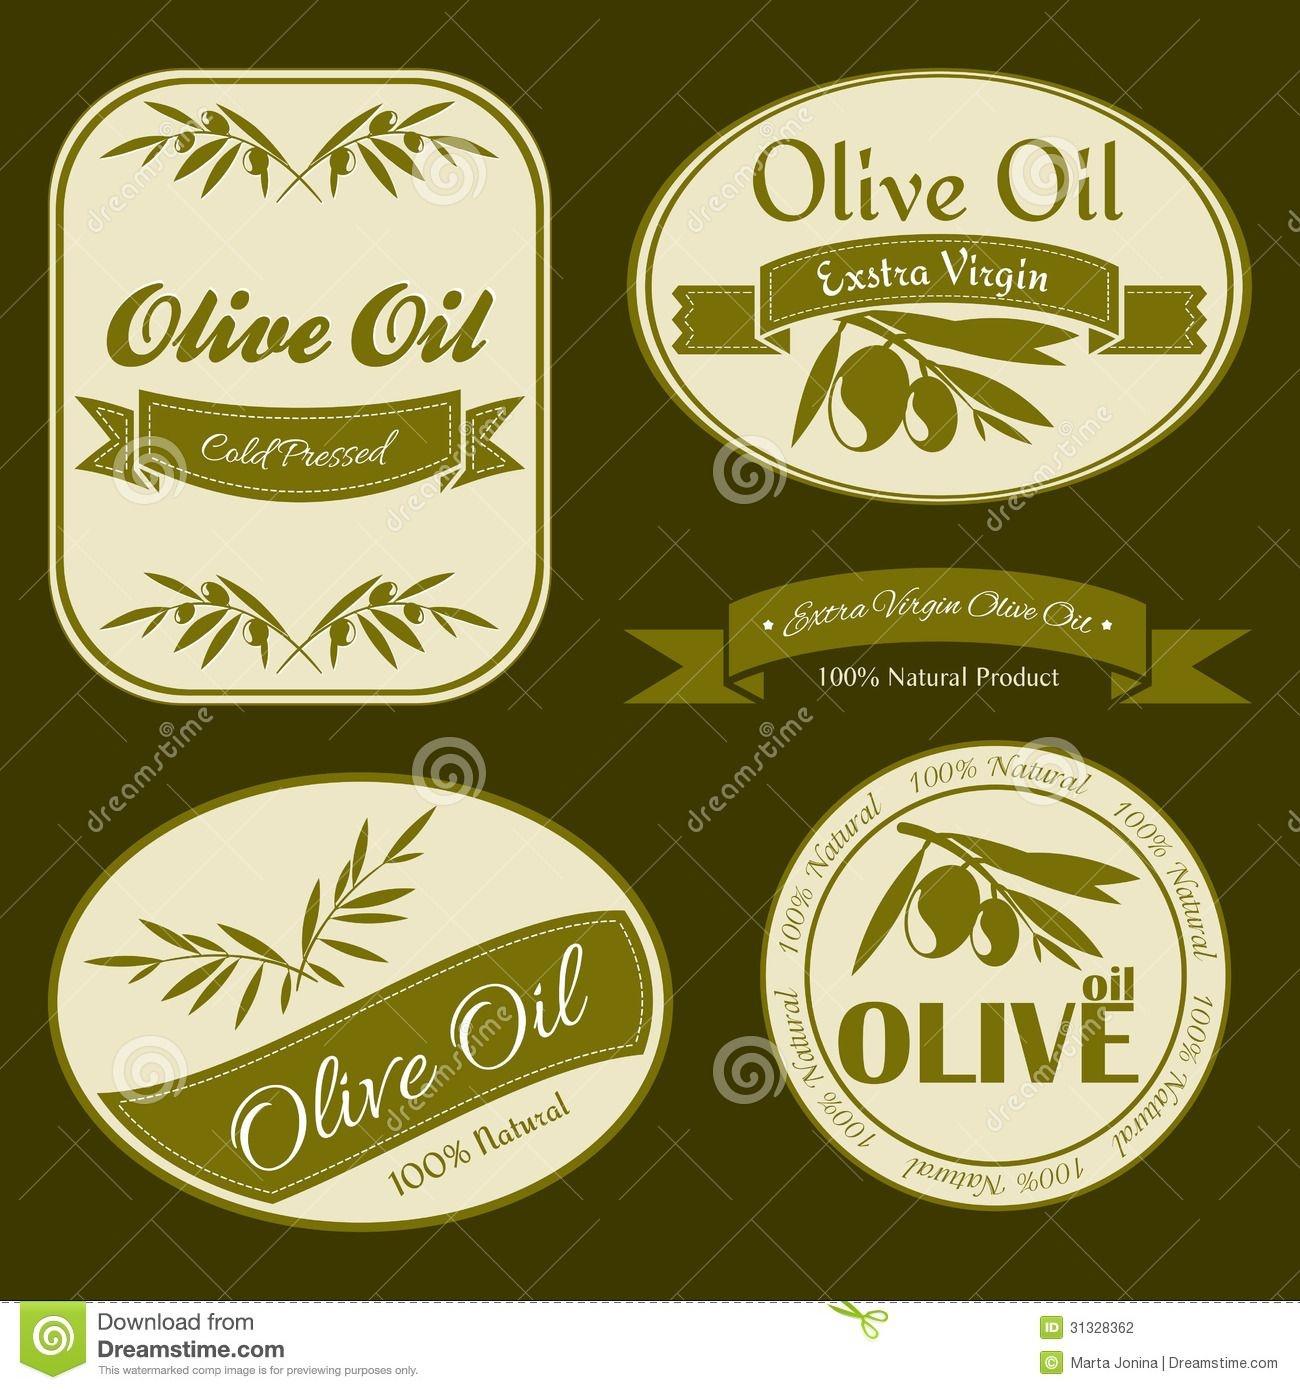 Vintage Olive Oil | Olive Oil | Vintage Labels, Olive Oil, Olive Oil - Free Printable Olive Oil Labels